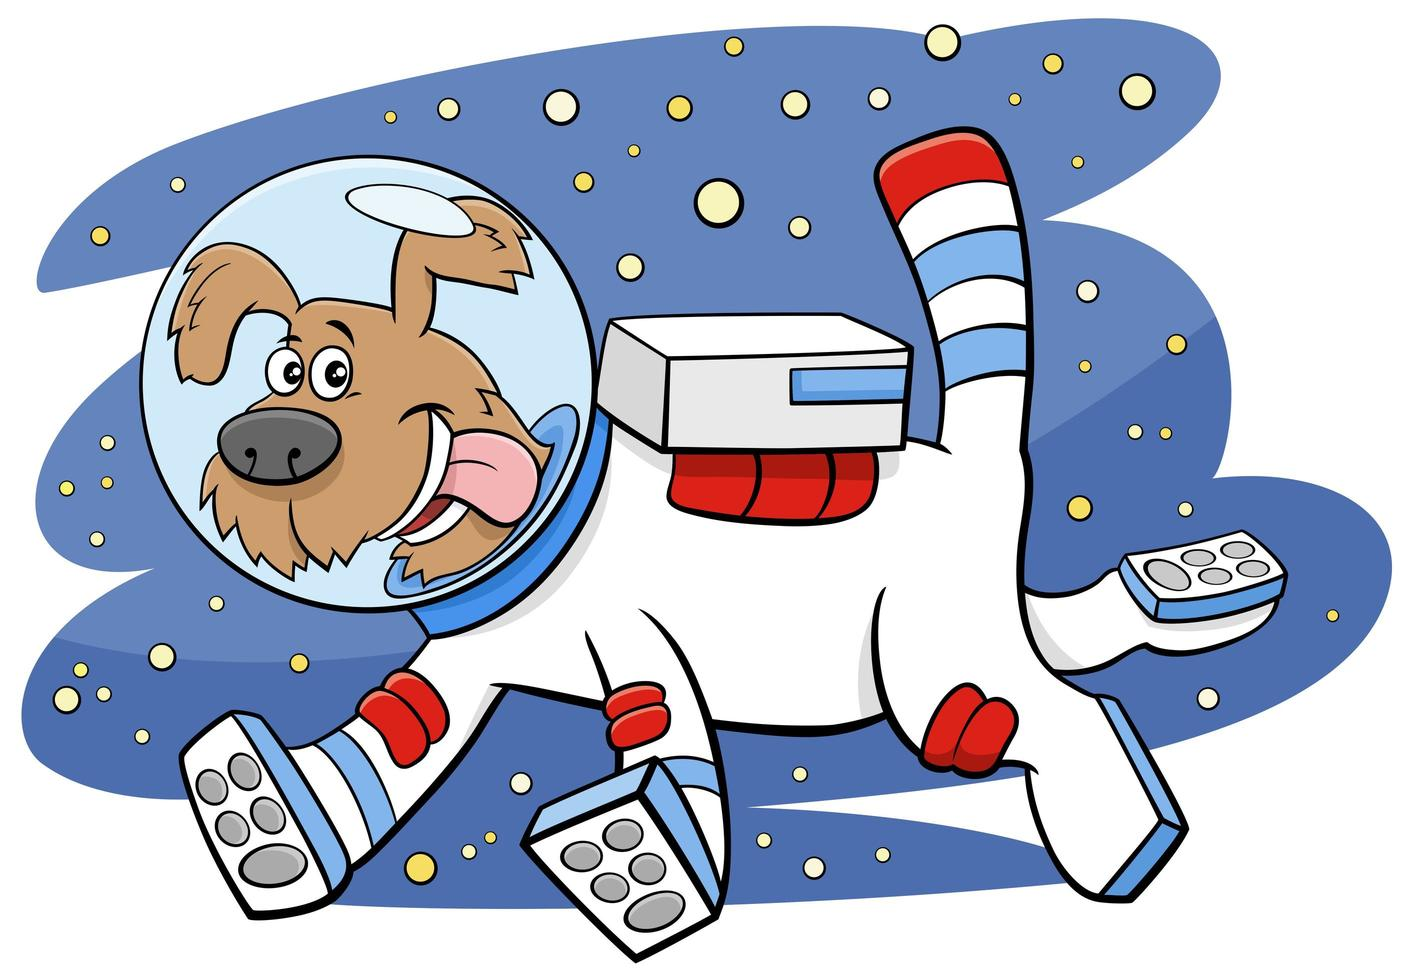 Perro de dibujos animados en el espacio cómico personaje animal vector